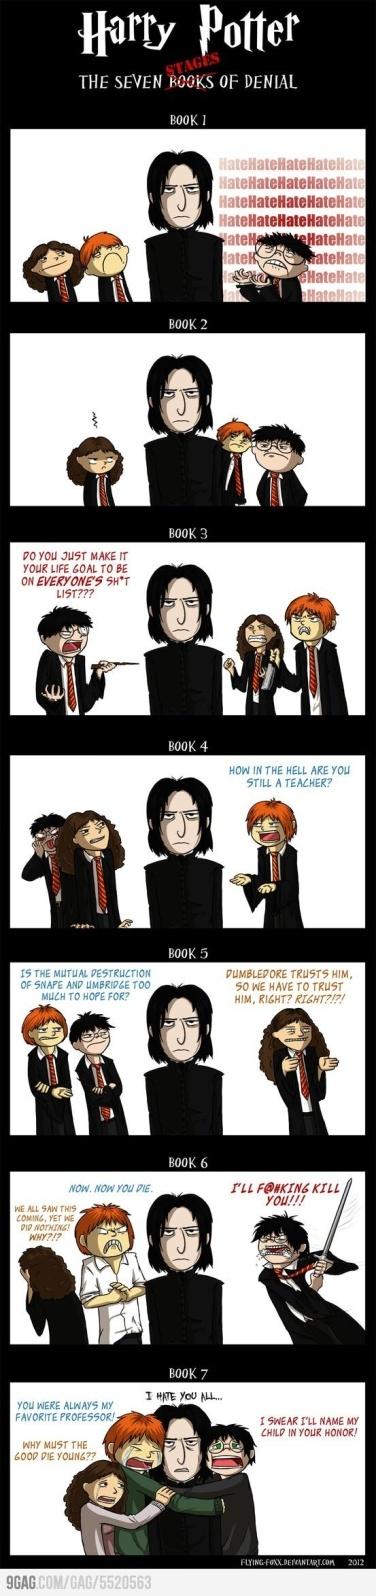 La verdad sobre Severus Snape - Aullidos.com